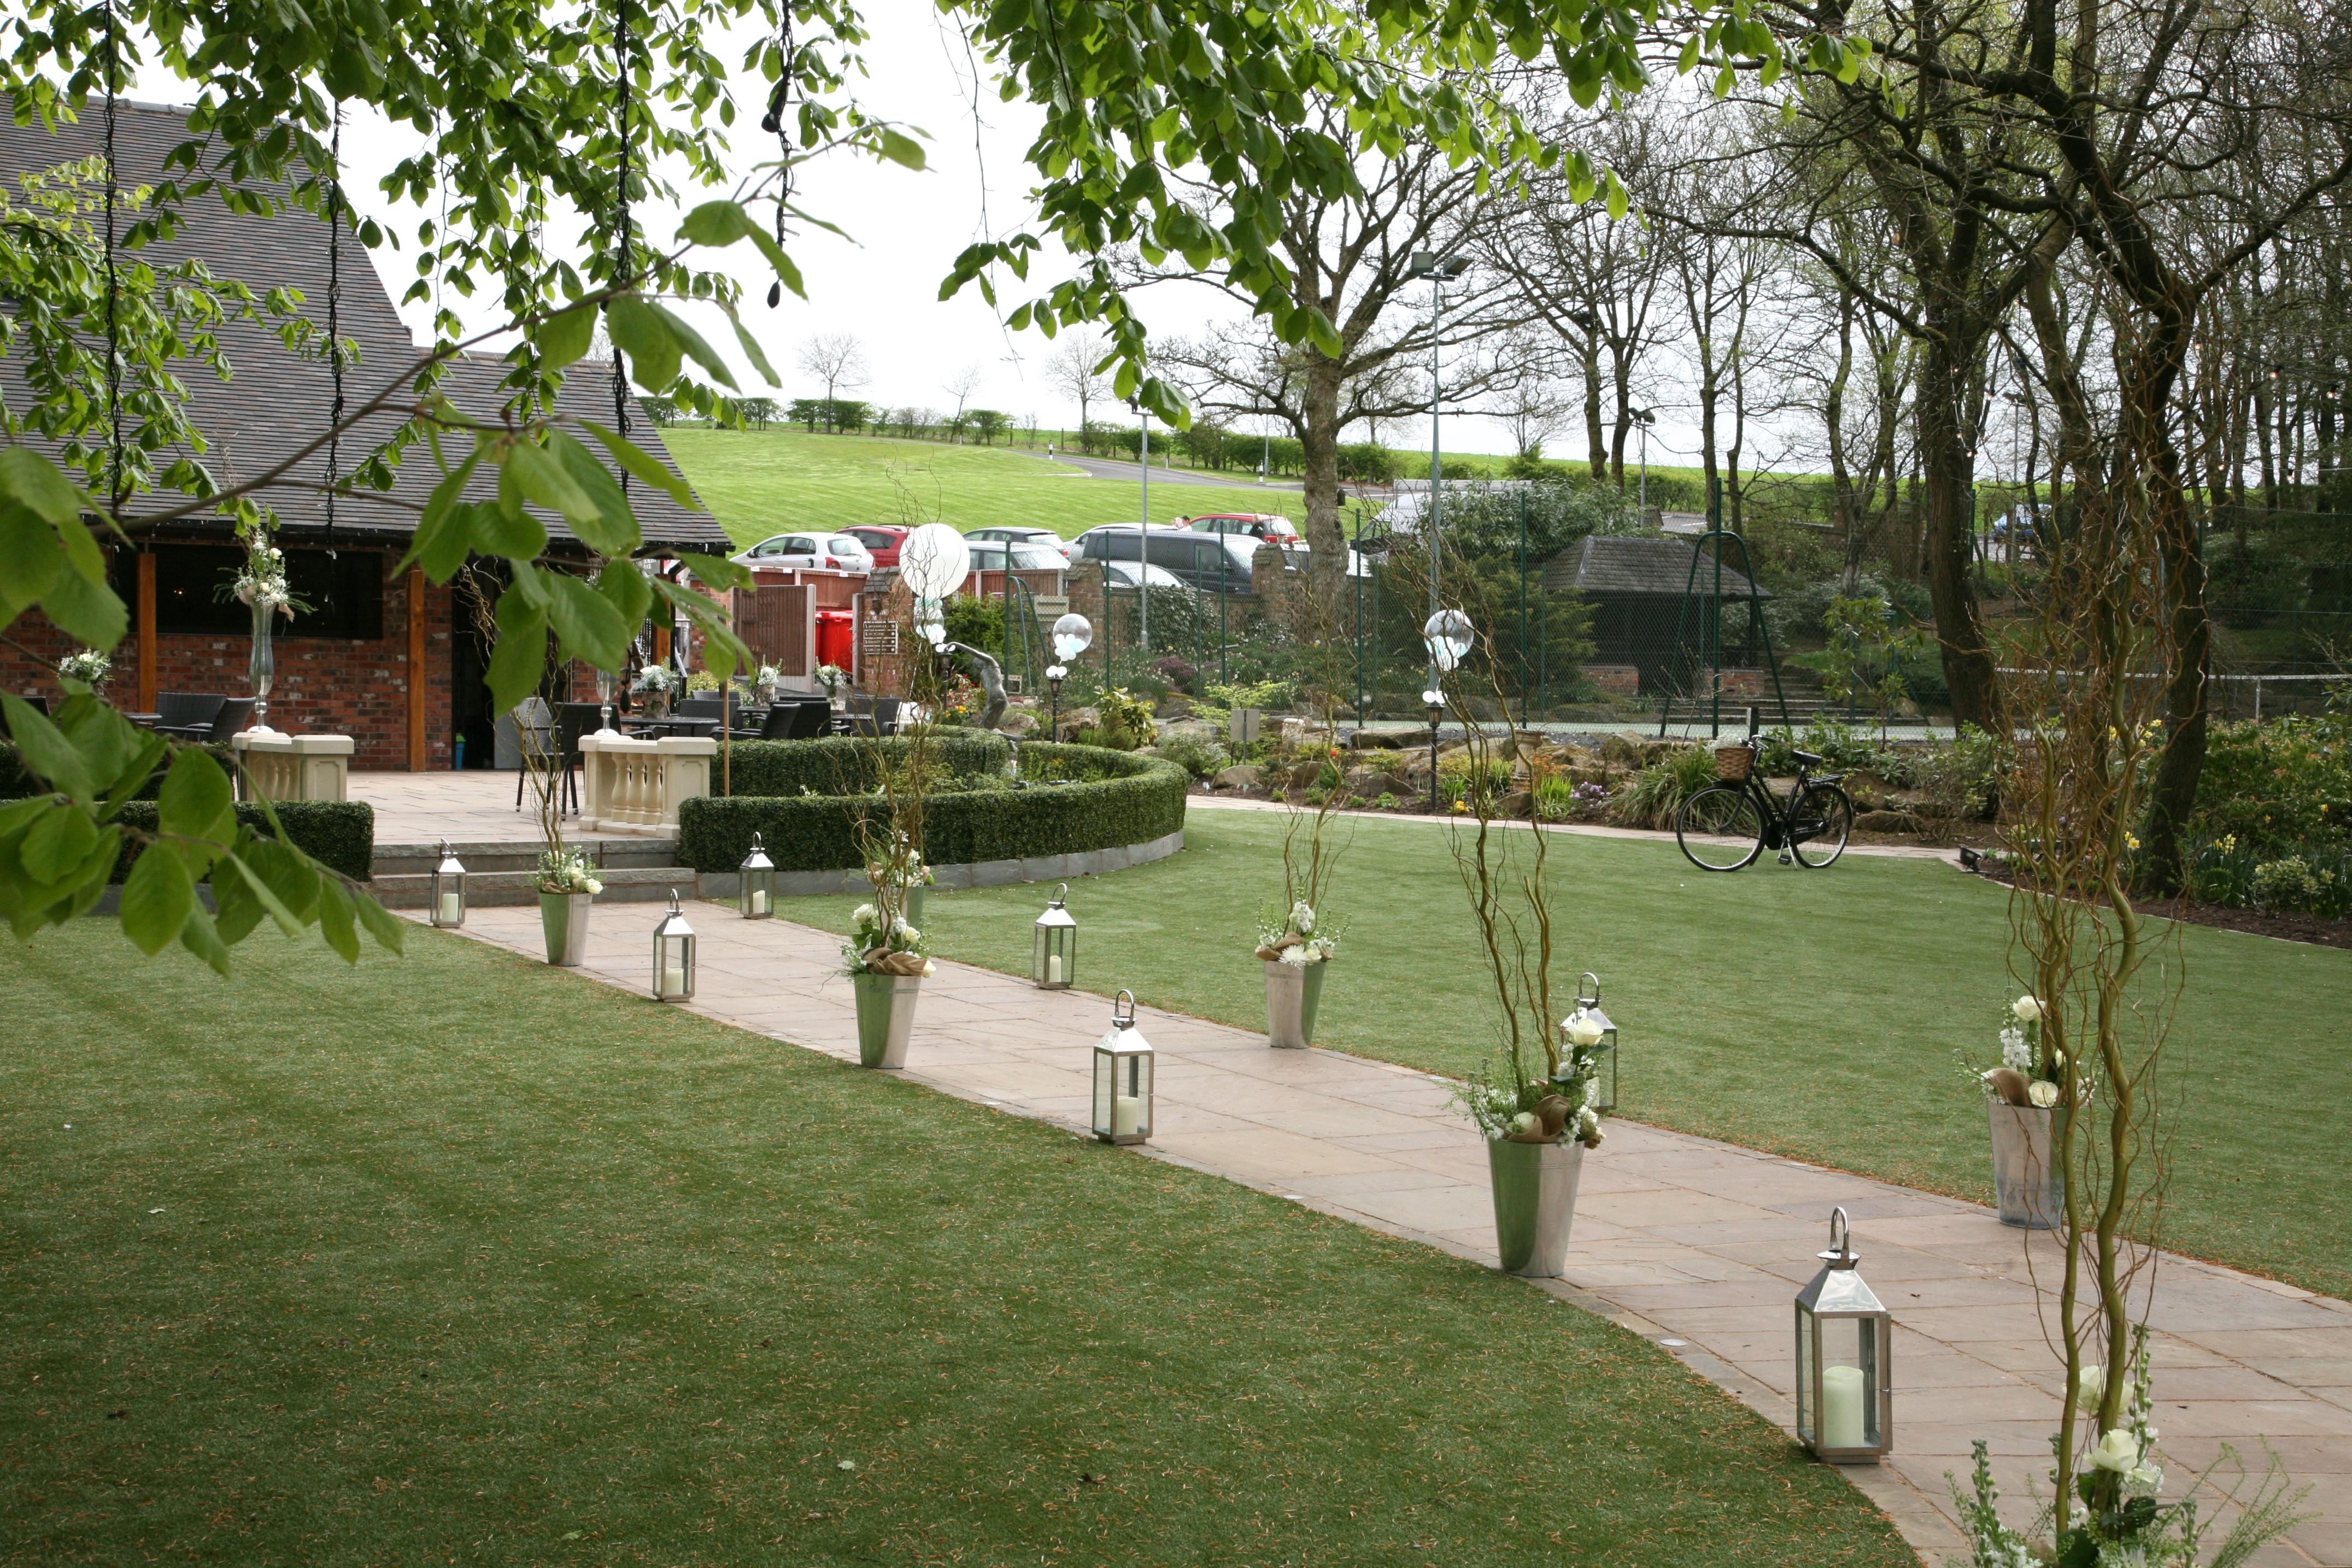 Moddershall Oaks